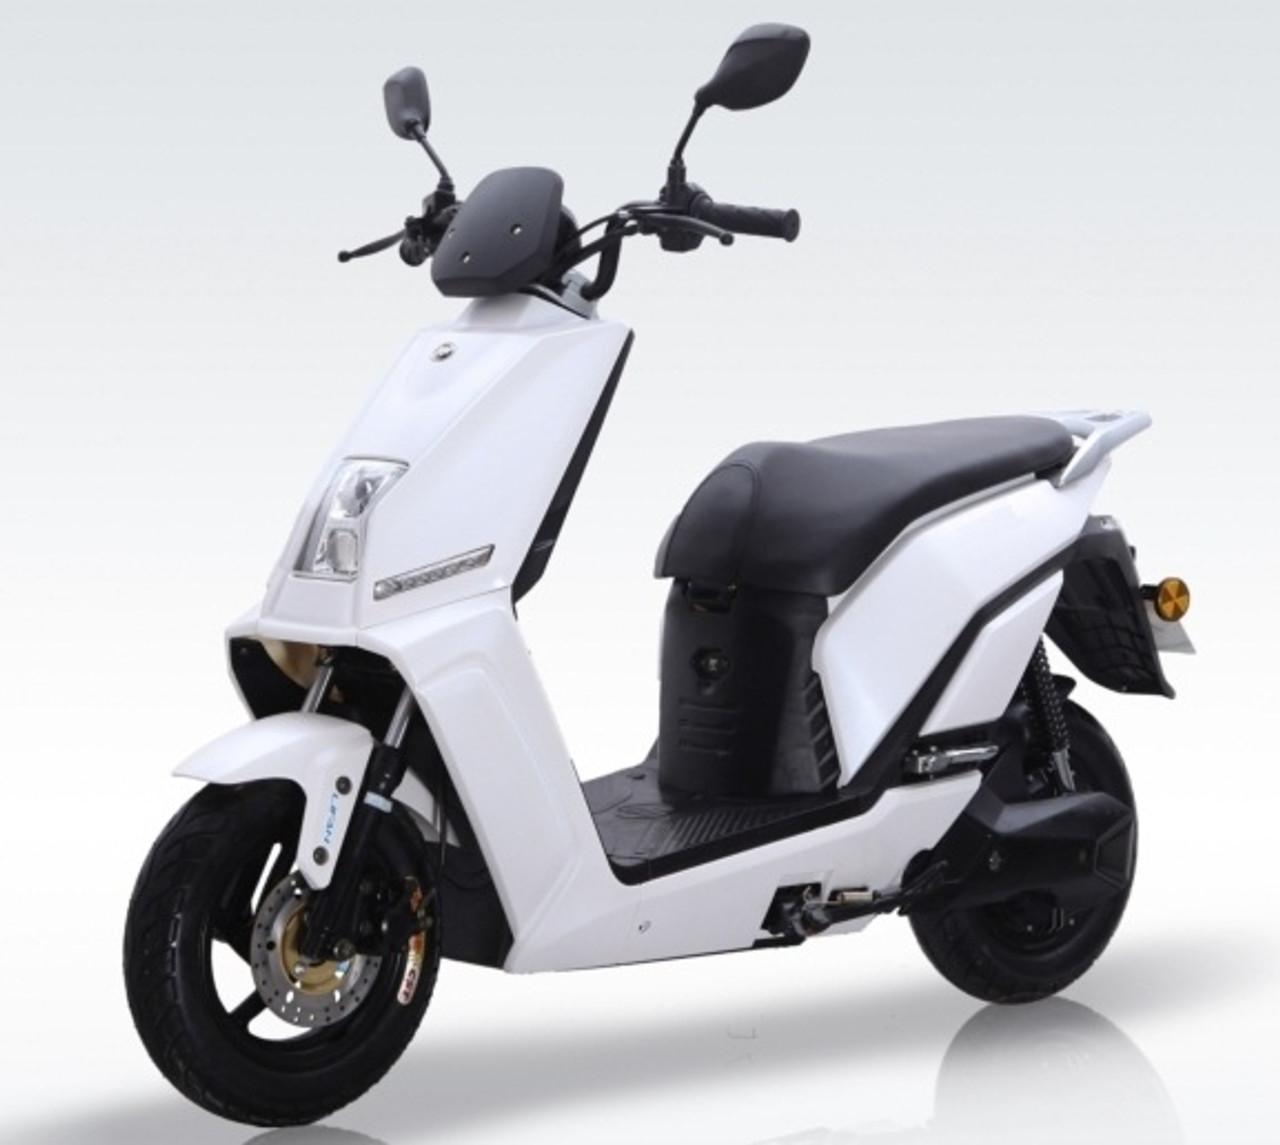 New Lifan Electric Bike Type E3 Free Shipping!